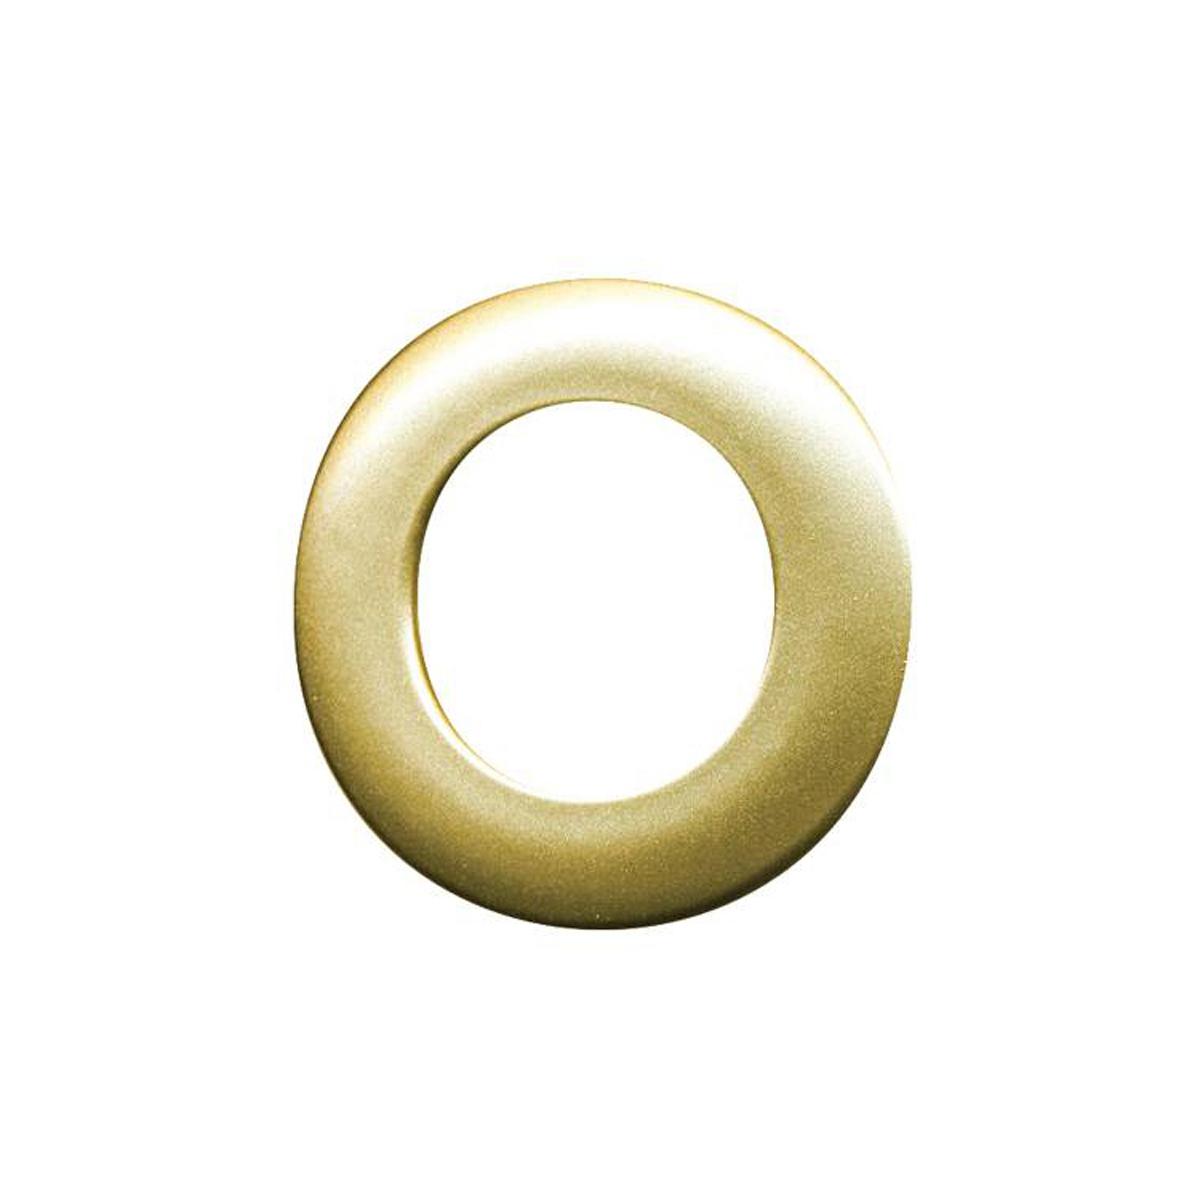 Набор люверсов Belladonna, цвет: золотой металлик, диаметр 35 мм, 10 шт515542Набор Belladonna состоит из 10 люверсов, выполненных из пластика. Люверсы представляют собой кольца особой формы, которые служат для окантовки отверстий в разных материалах. Используются в качестве фурнитуры для кожгалантерейных, текстильных, обувных изделий, также подходят для бумаги и картона. Через люверсы продеваются шнурки, ленты, тесьма. Изделия Belladonna помогут воплотить вашу творческую задумку и добавят вдохновения для новых идей. Внутренний диаметр: 35 мм.